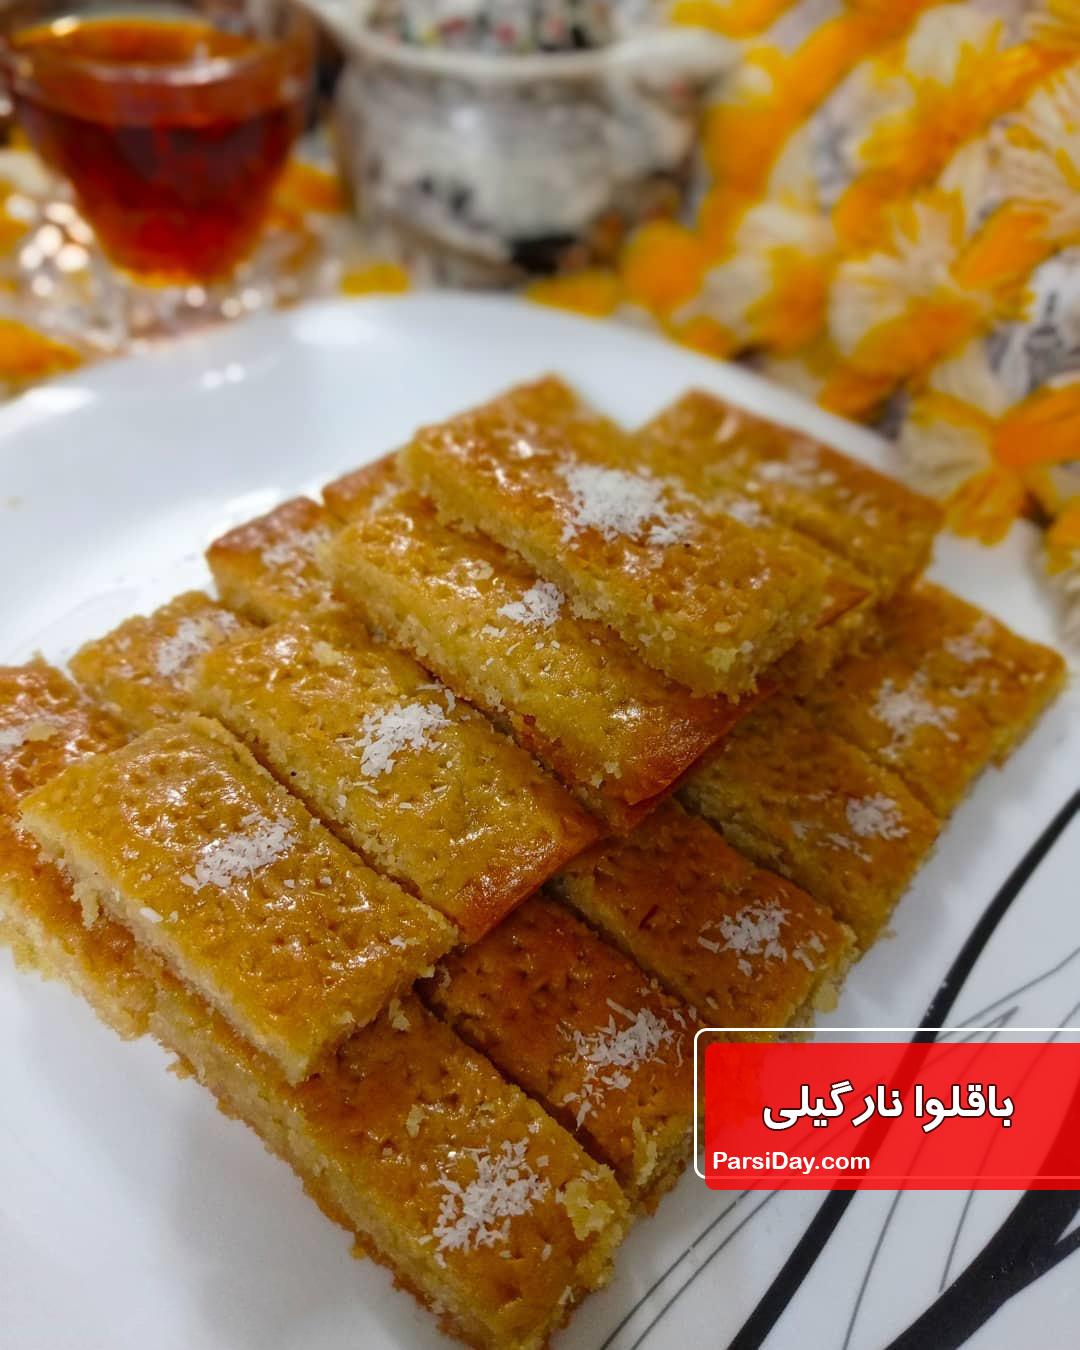 طرز تهیه باقلوا نارگیلی